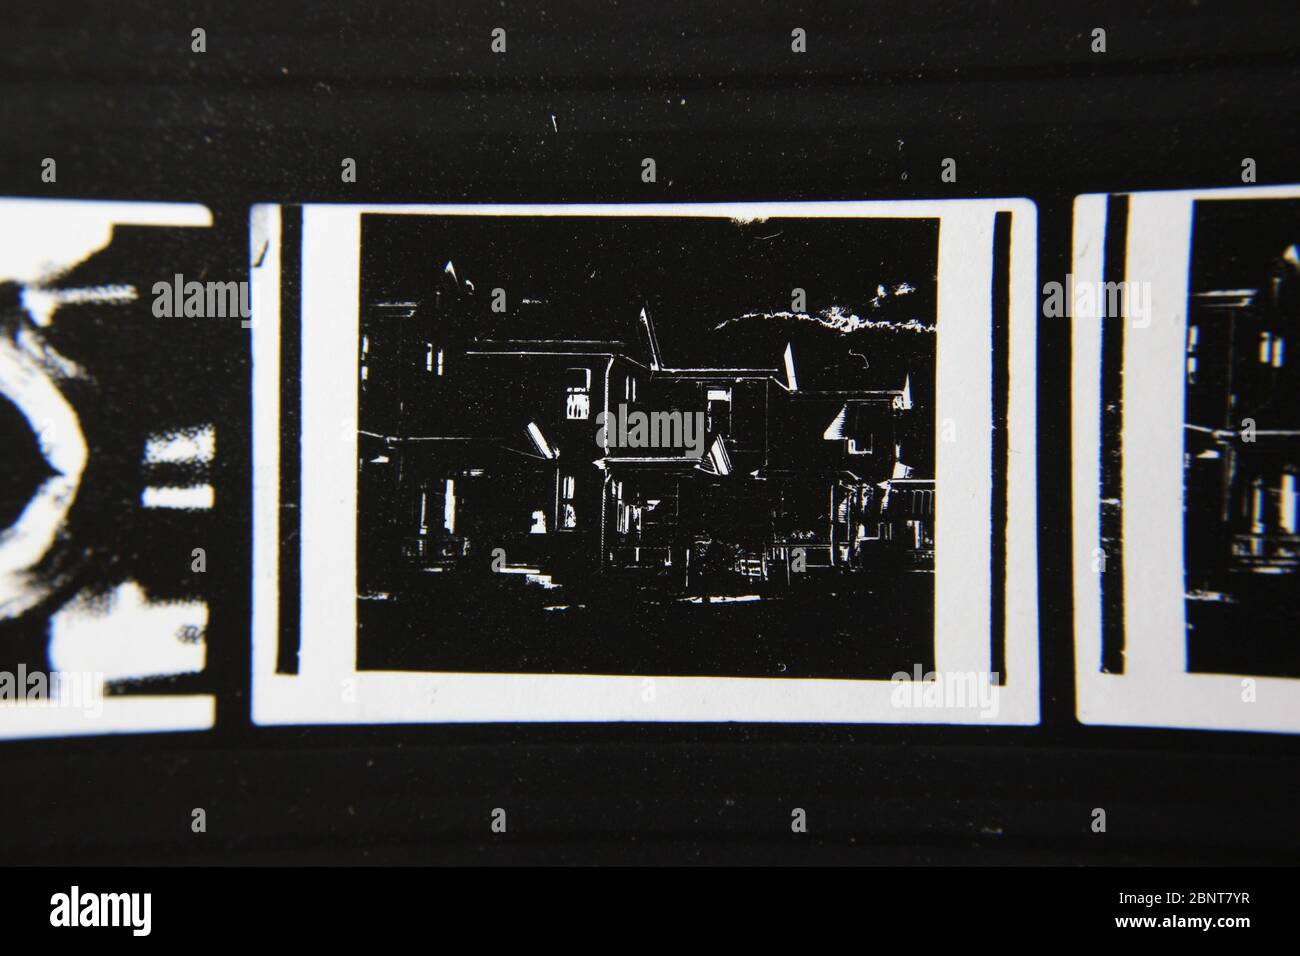 Foto extrema de los 70s de la vendimia fina del contacto impresión en blanco y negro de un desarrollo de casas residenciales de clase media. Foto de stock